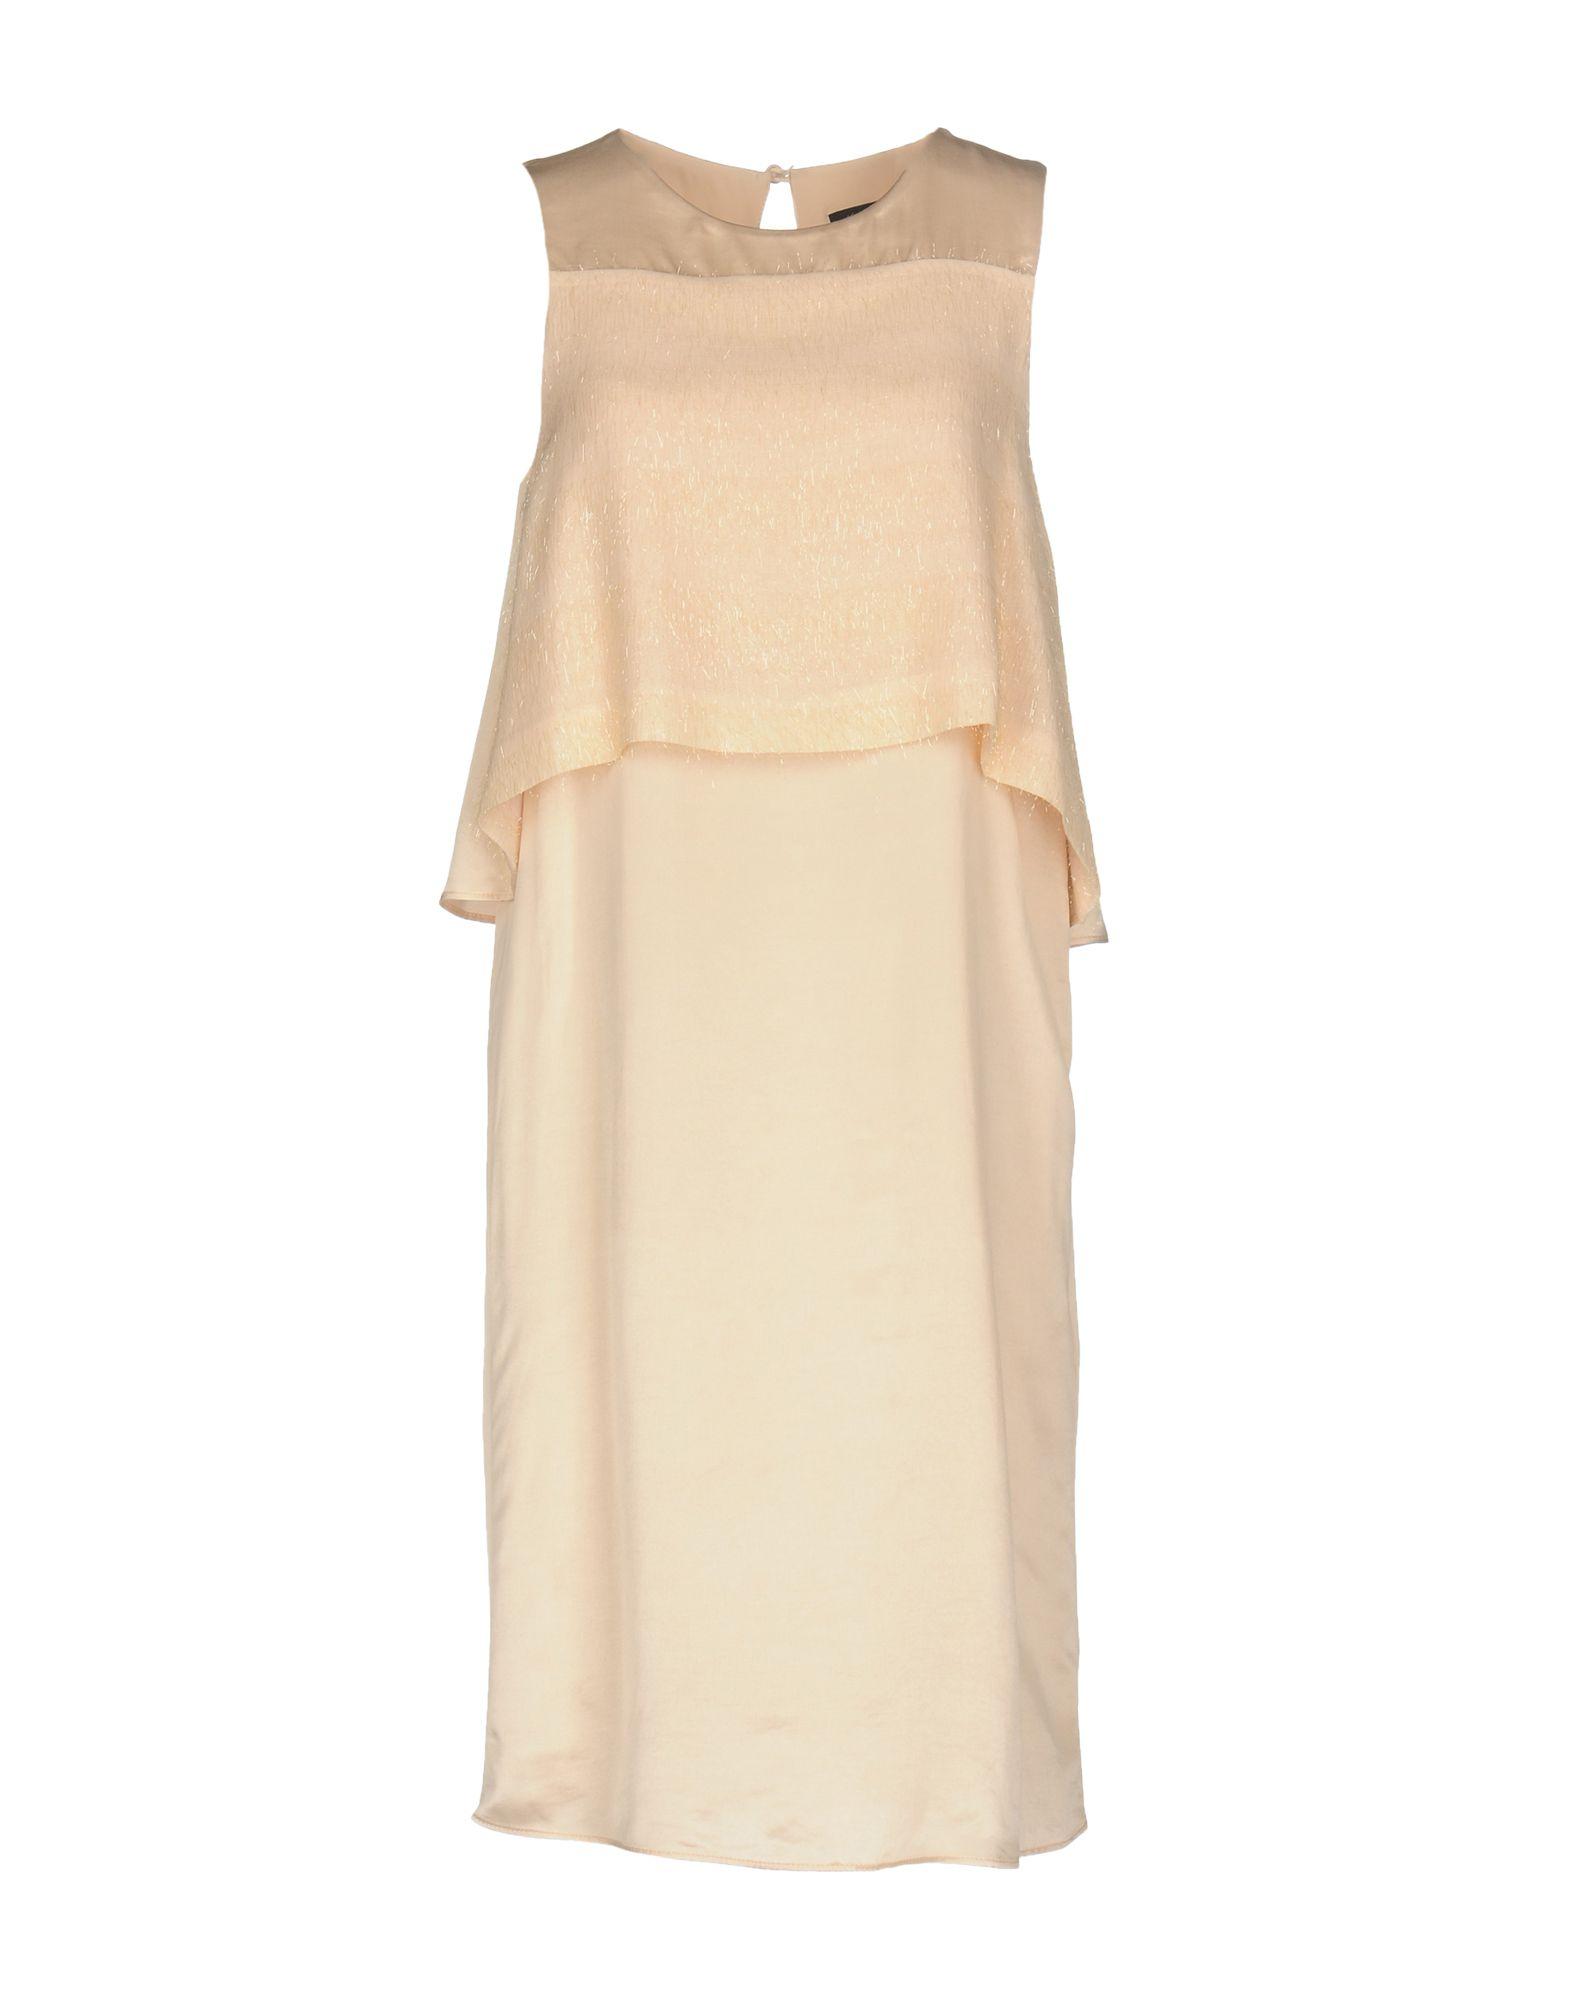 KATIA G. Damen Knielanges Kleid Farbe Hellrosa Größe 6 jetztbilligerkaufen